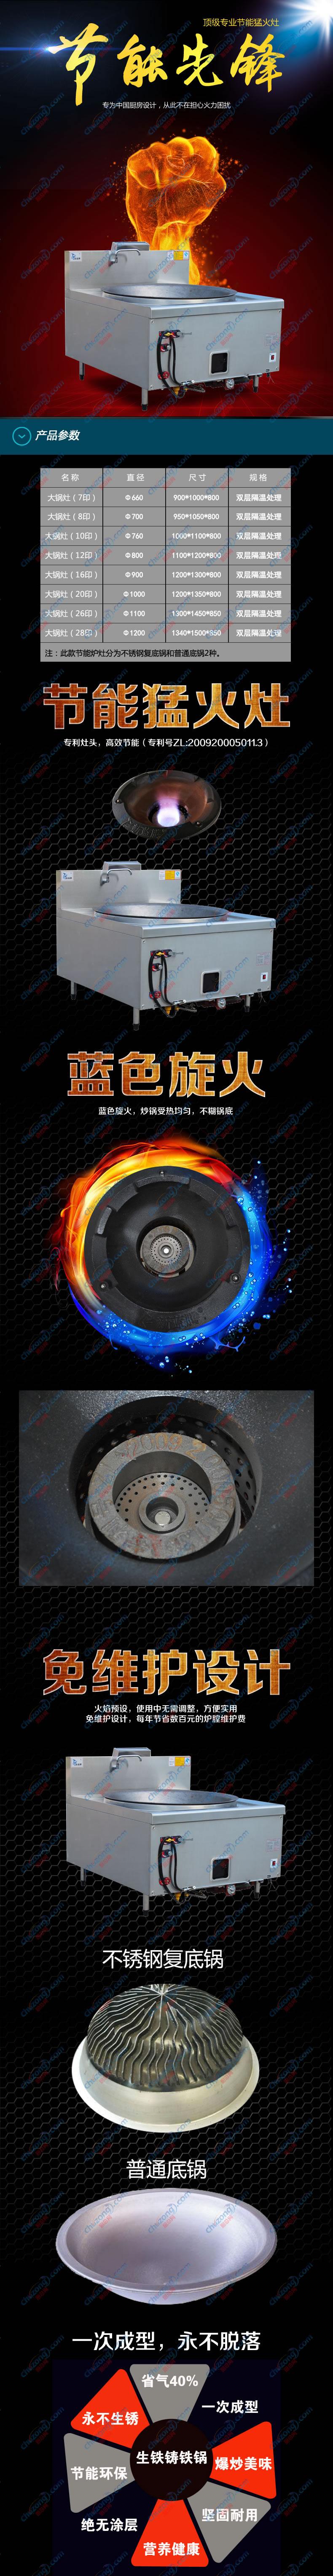 新藍騰猛火灶8印詳情圖